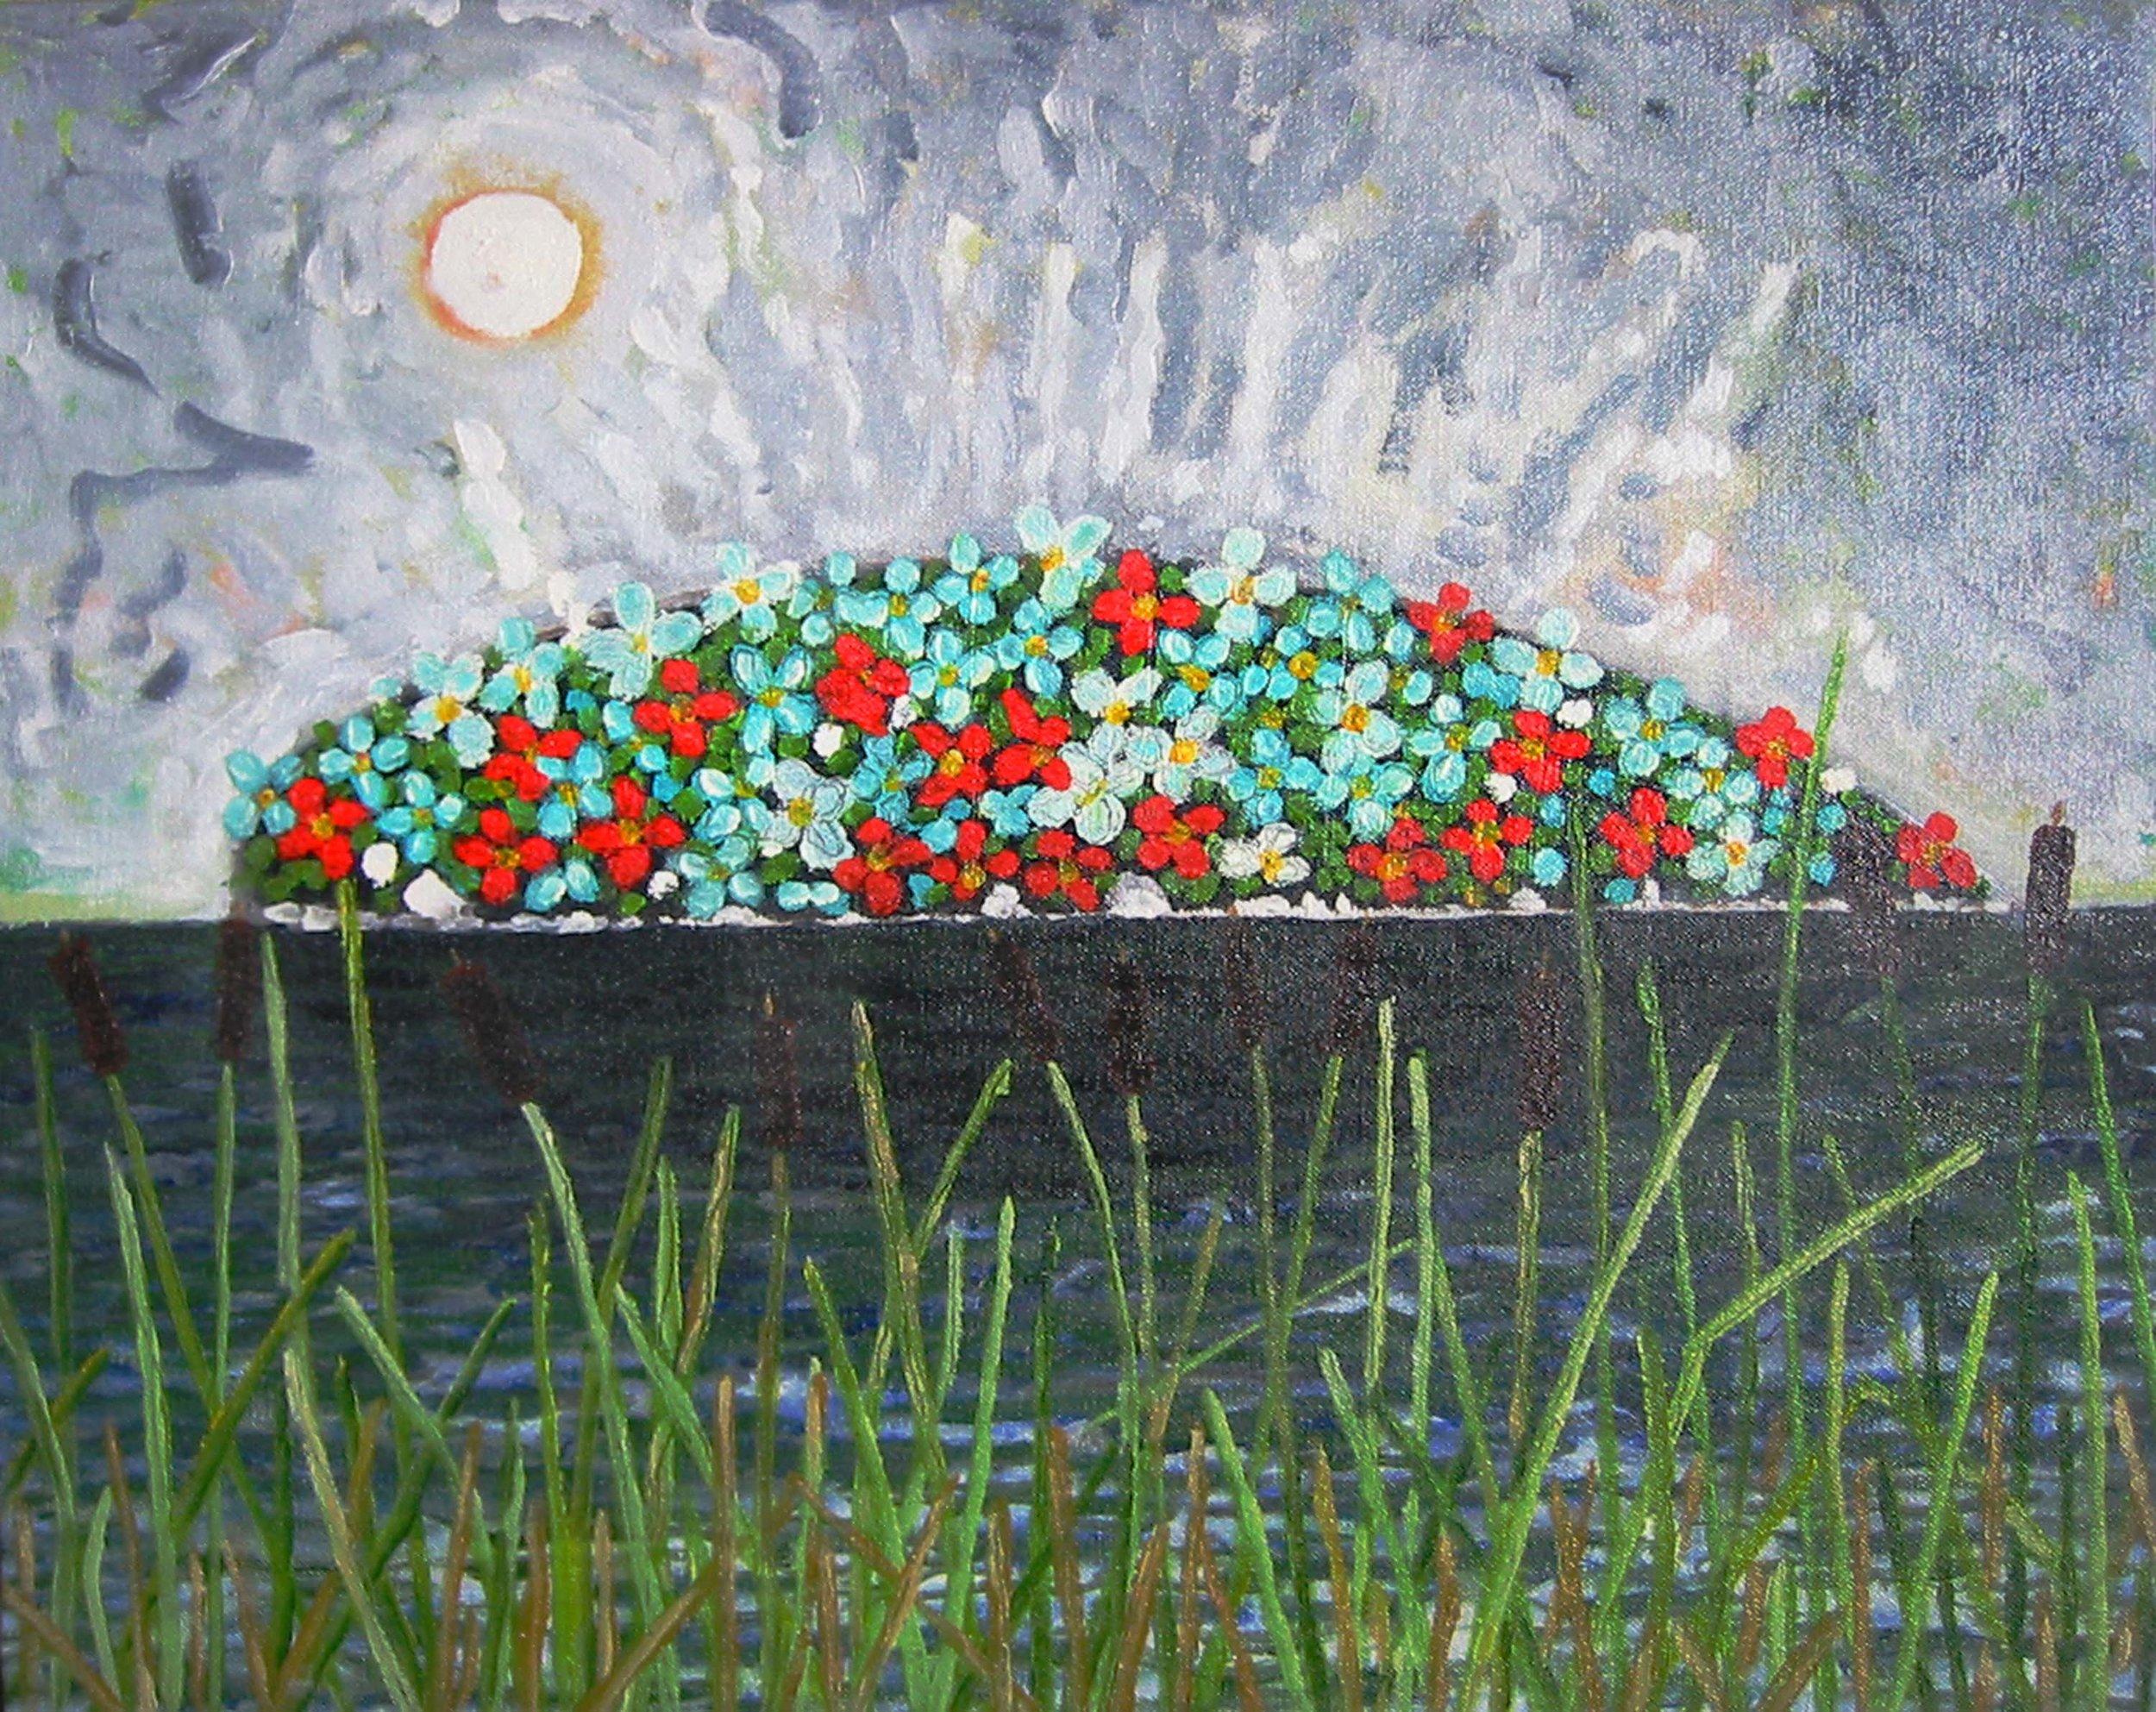 Épave dans les quenouilles , circa 2001, huile sur toile / oil on canvas